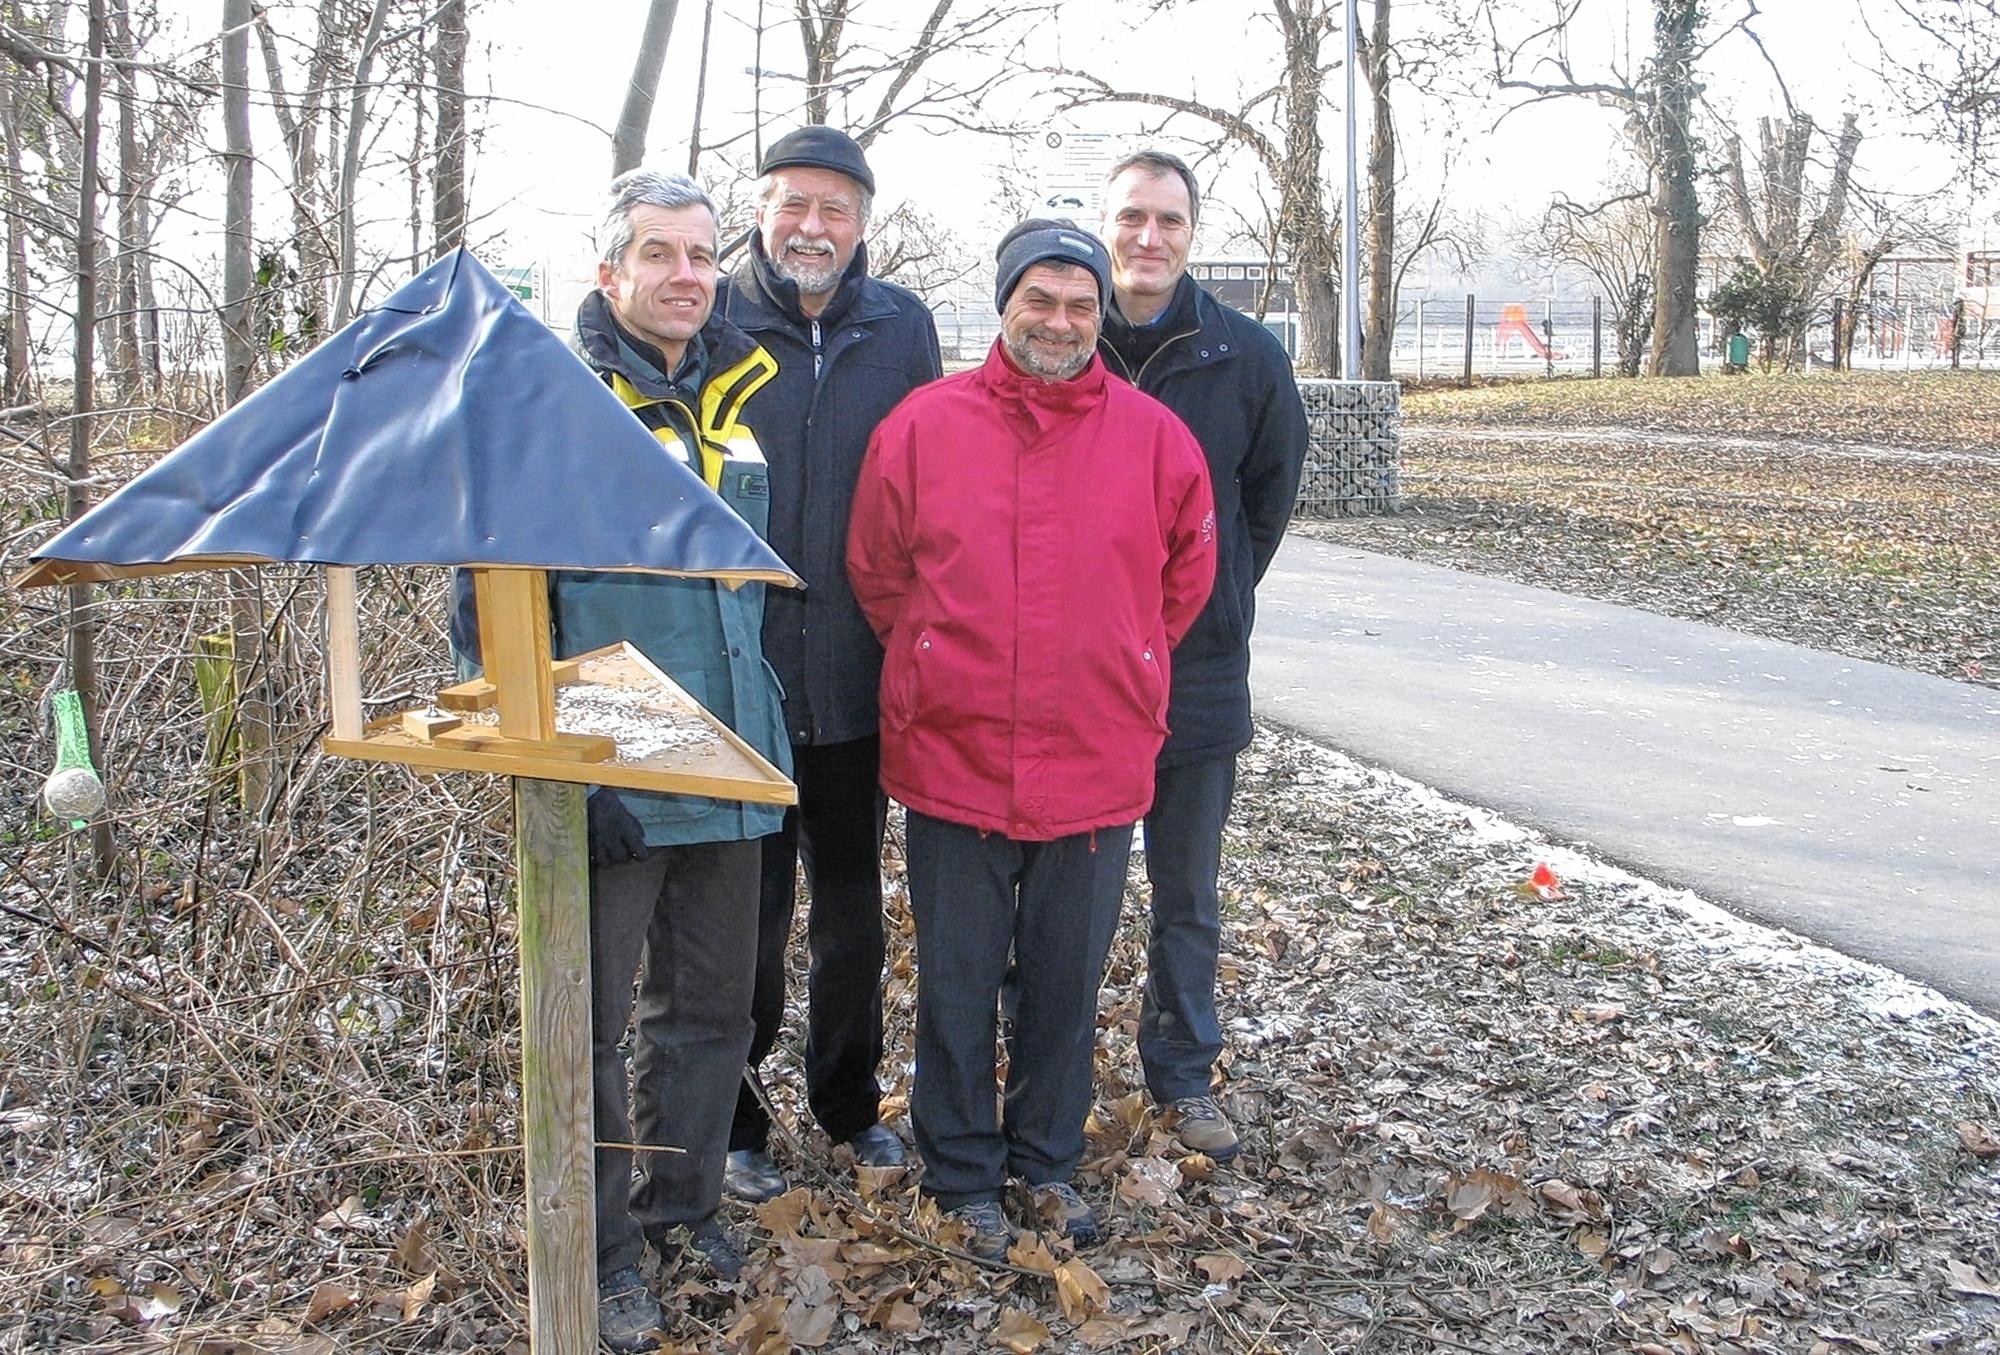 Weihten die von Günter Herbert gestiftete Futterstelle beim Strandbad ein, von links: Norbert Krotz, Rolf Dieter, Roland Weiß und Roland Köhler